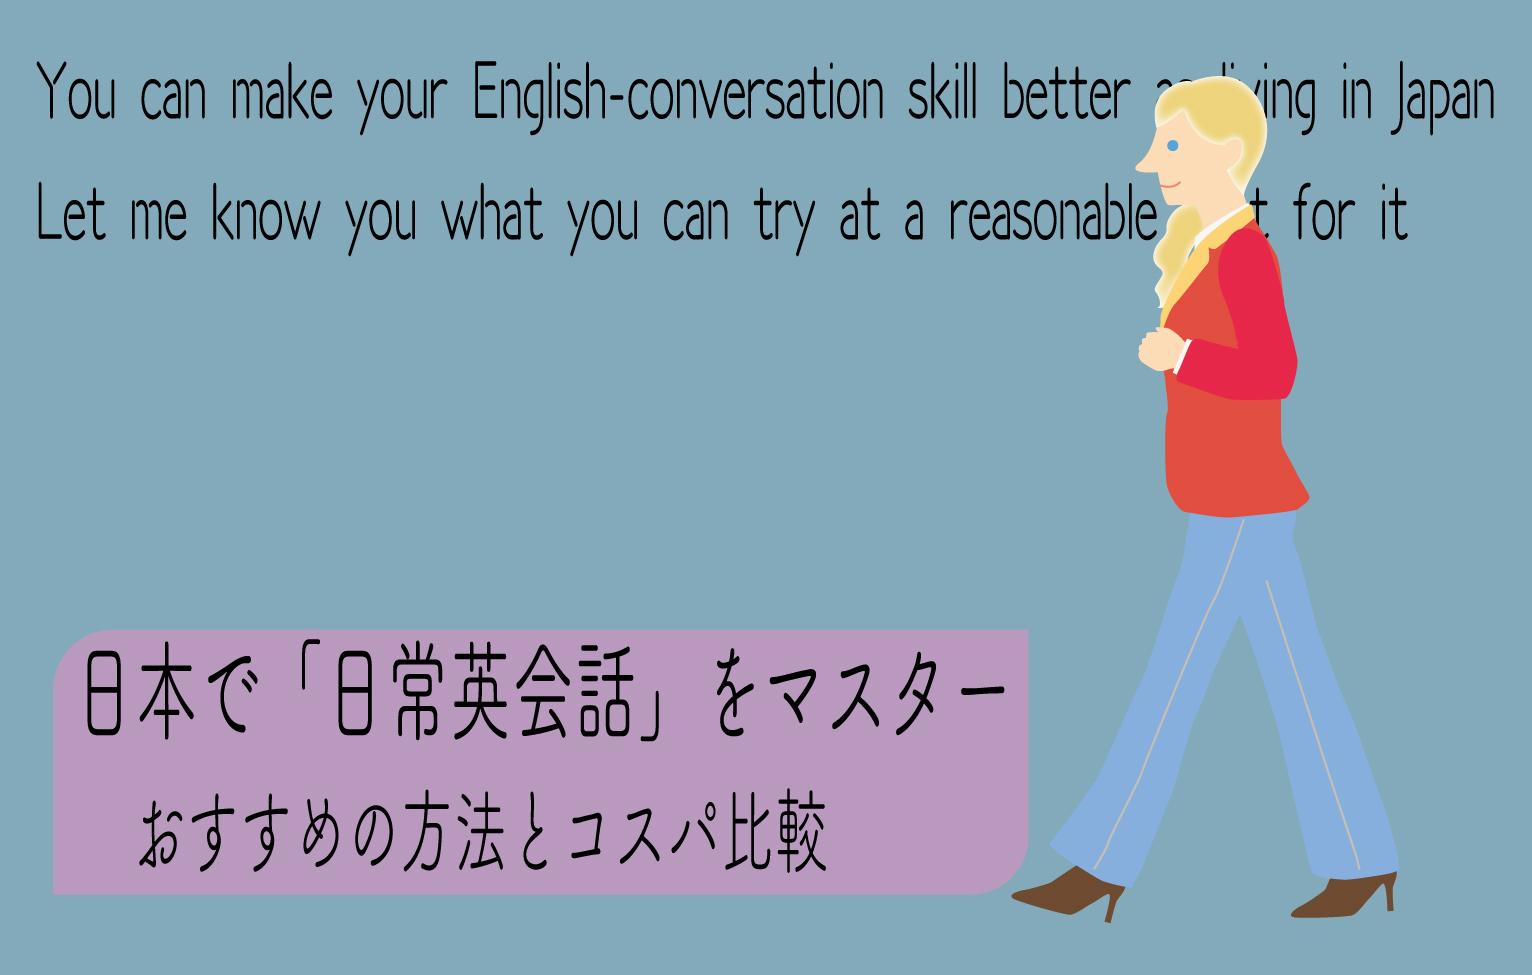 日本国内で英会話をコストパフォーマンス高く行う方法